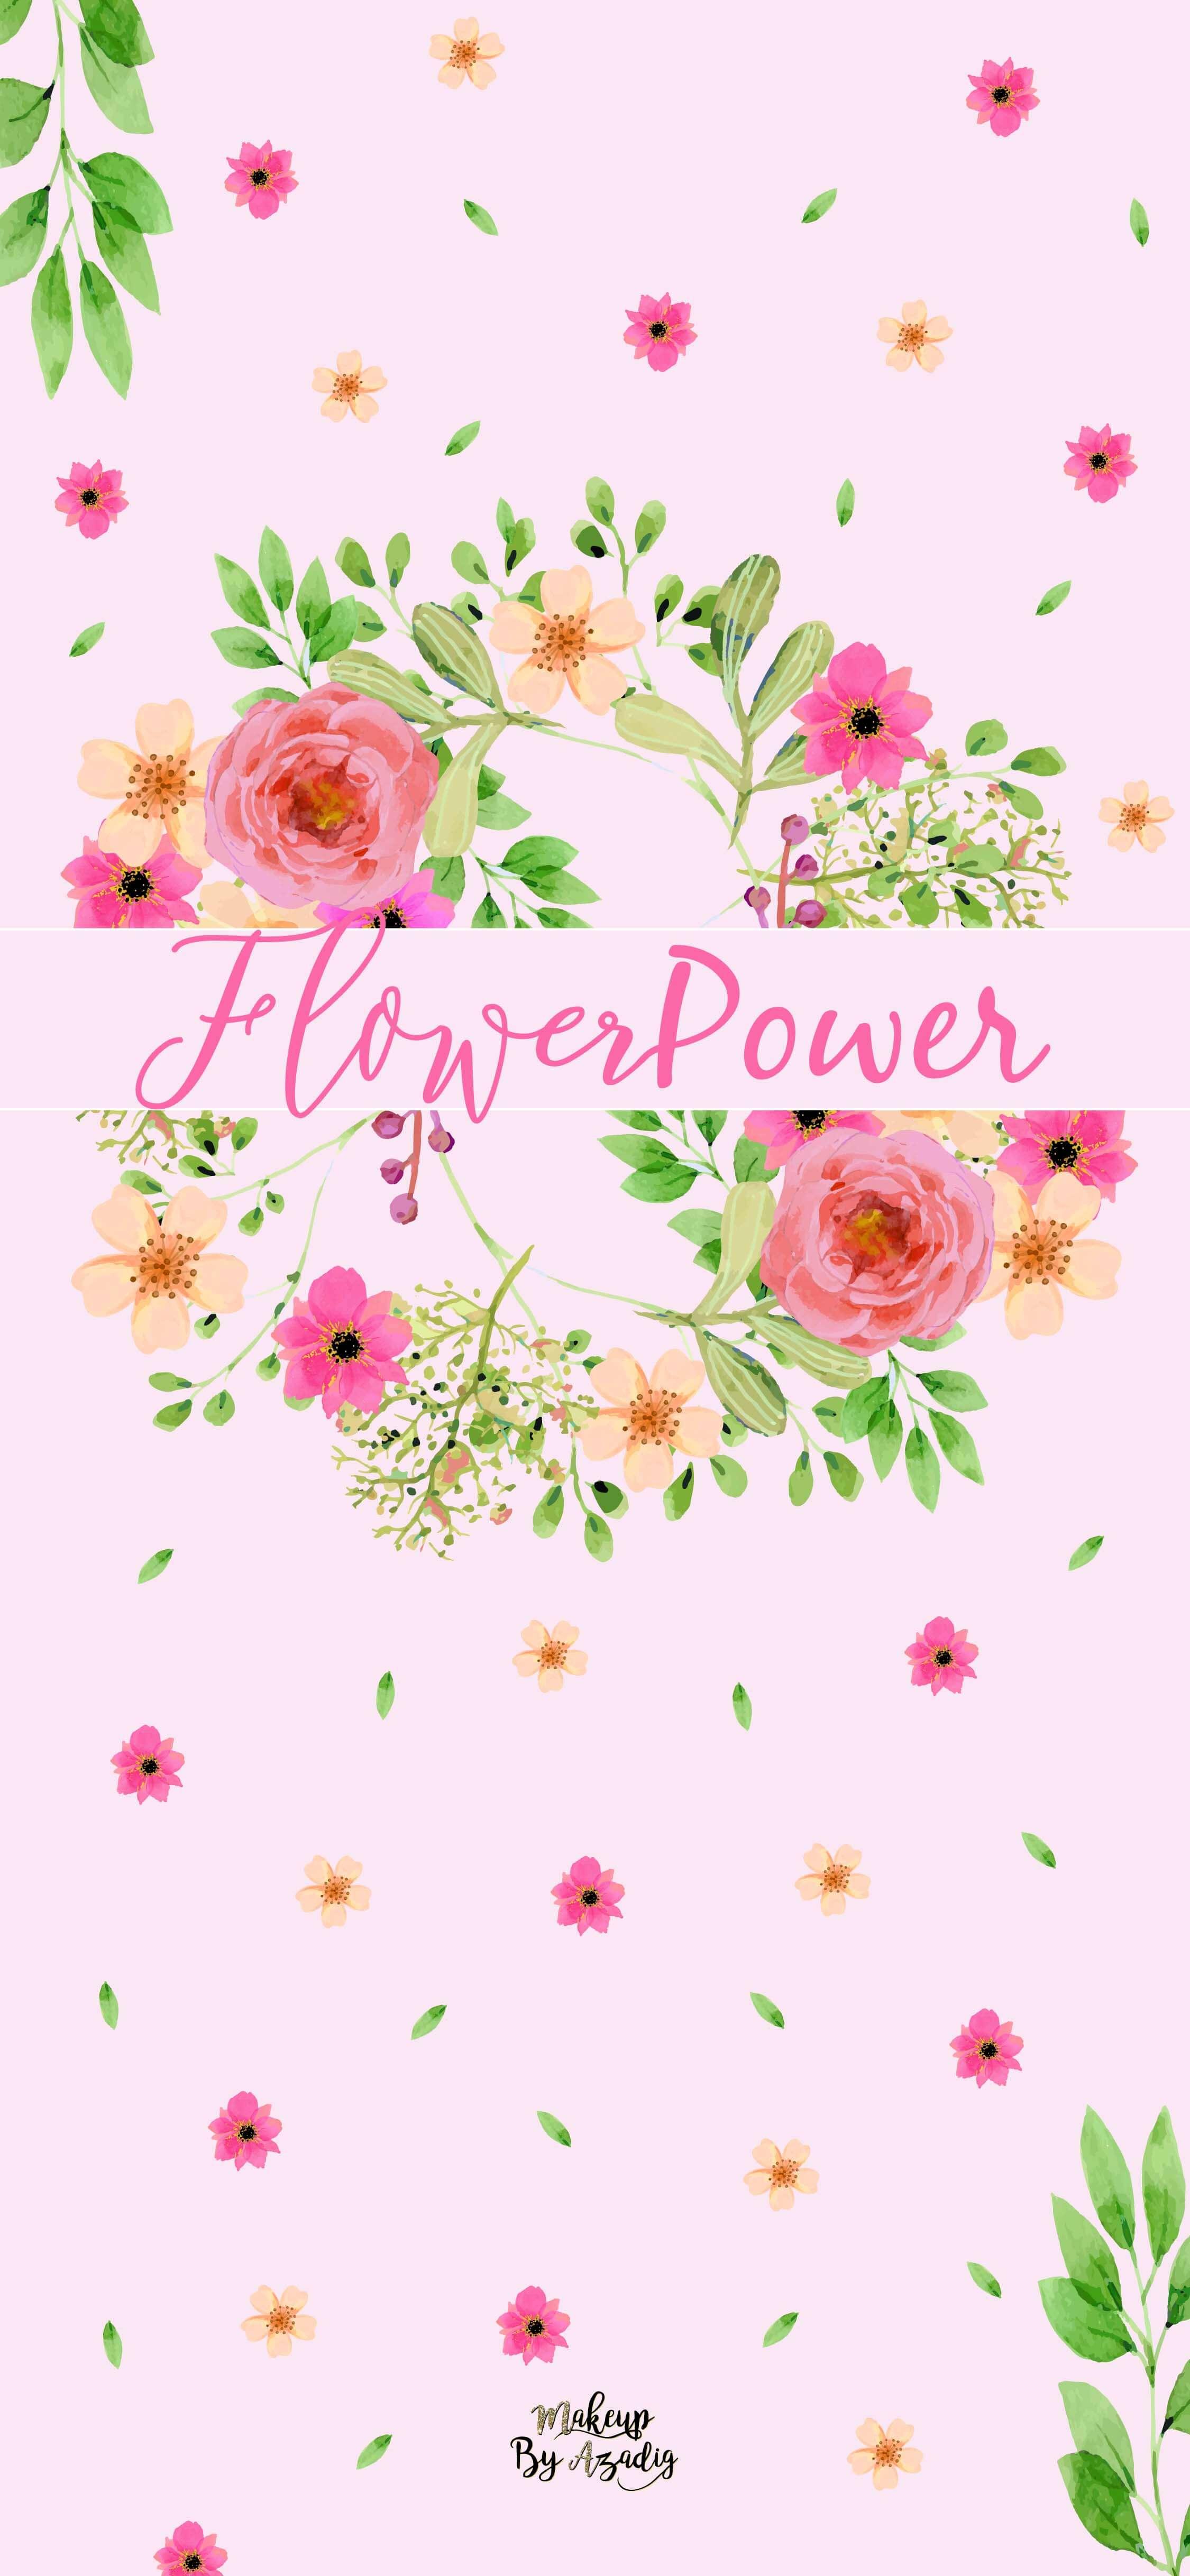 fond-decran-wallpaper-printemps-fleurs-flower-power-couronne-rose-girly-iphone-X-makeupbyazadig-tendance